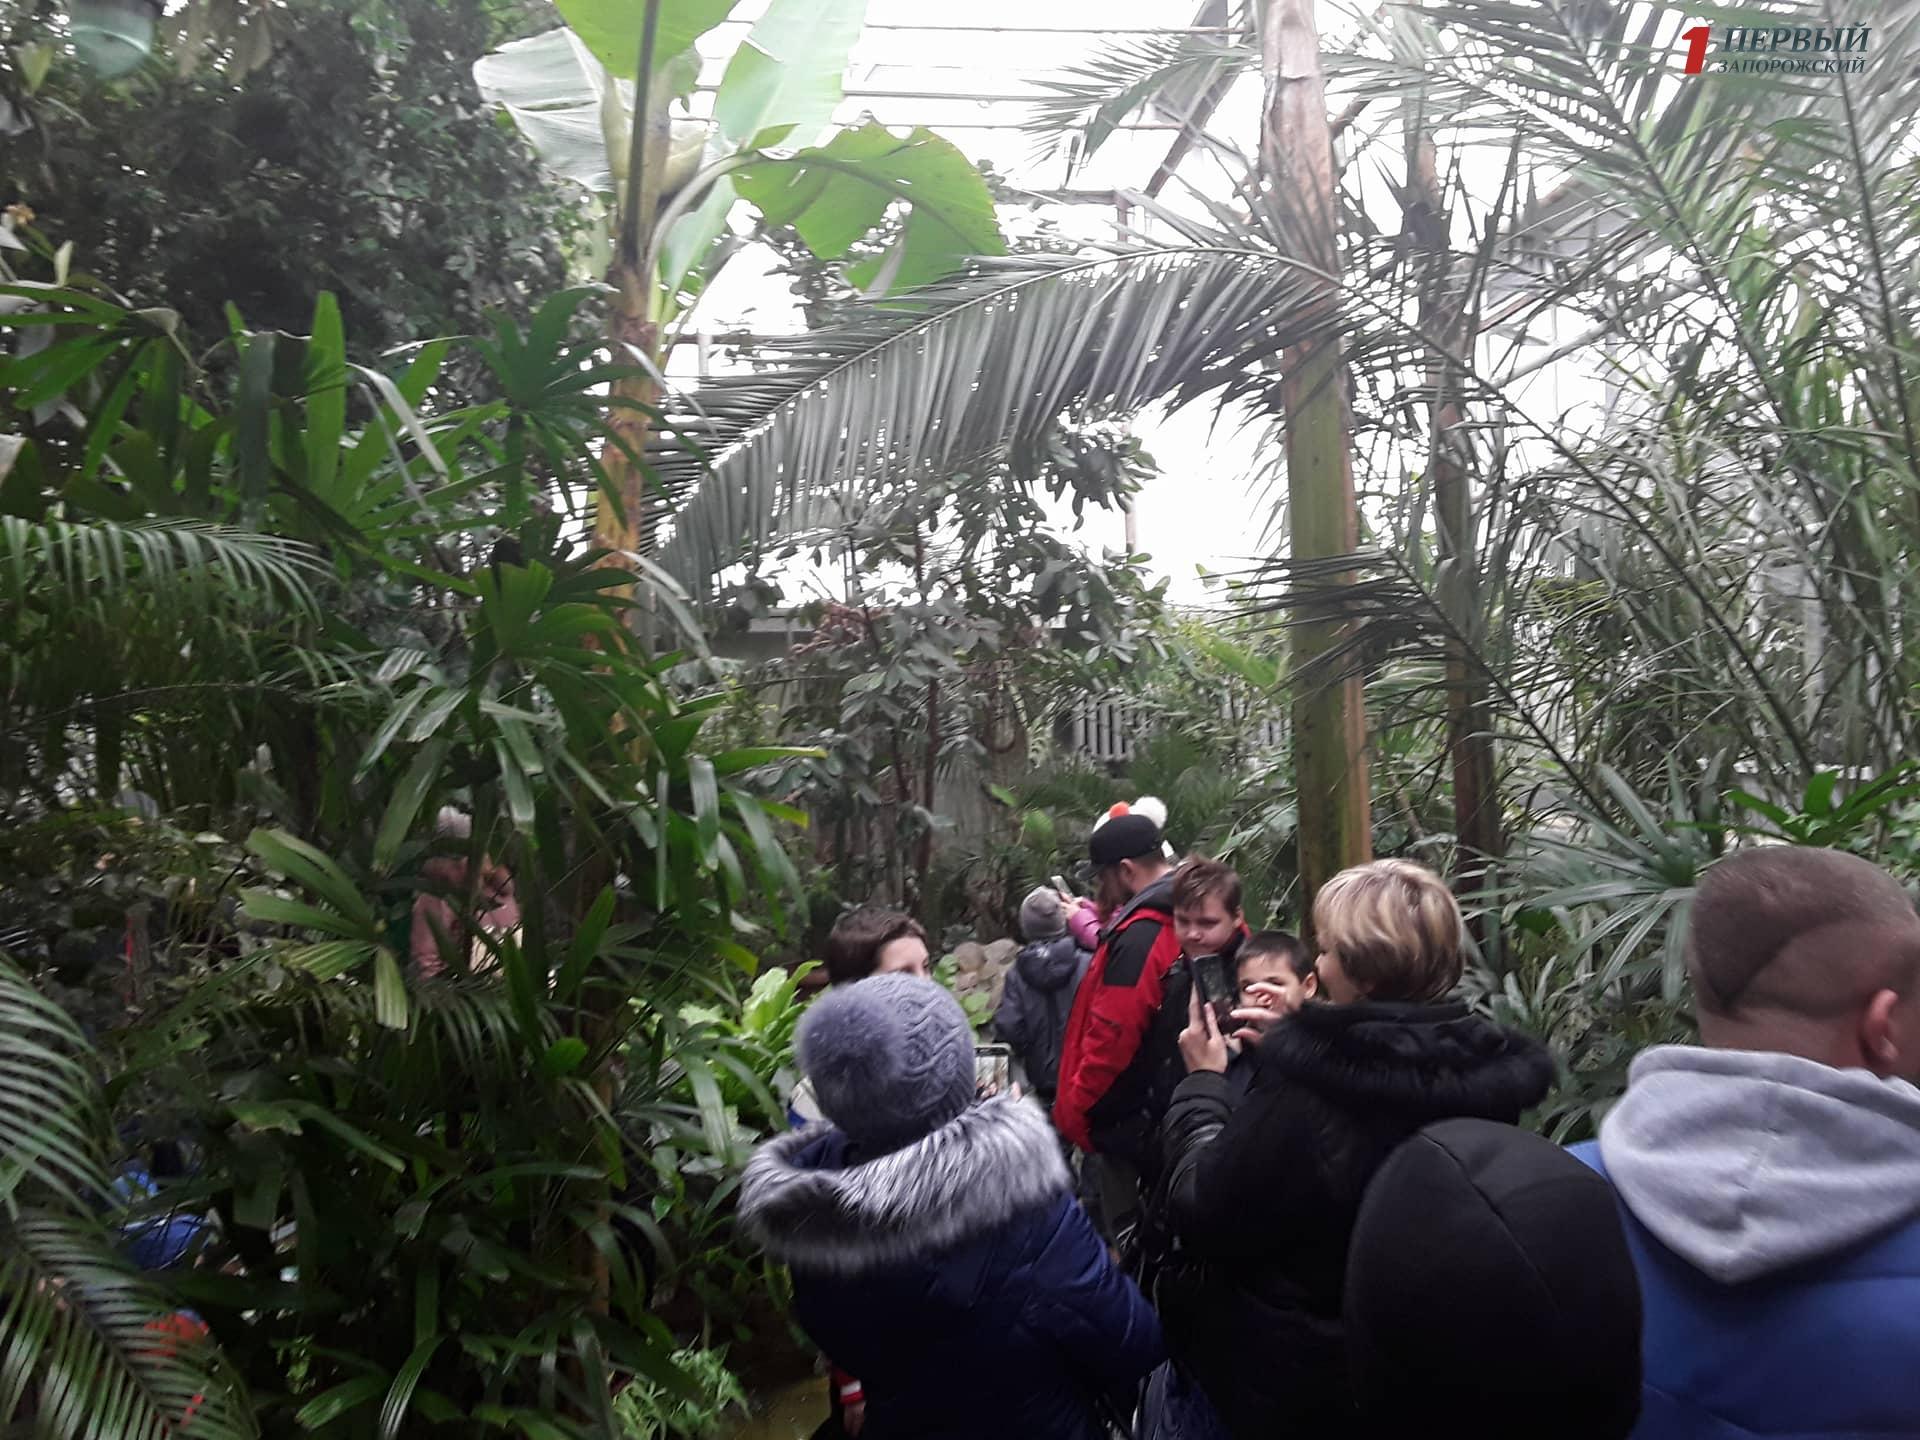 Ботанический сад удивляет запорожцев своей новой зимней теплицей - ФОТО, ВИДЕО